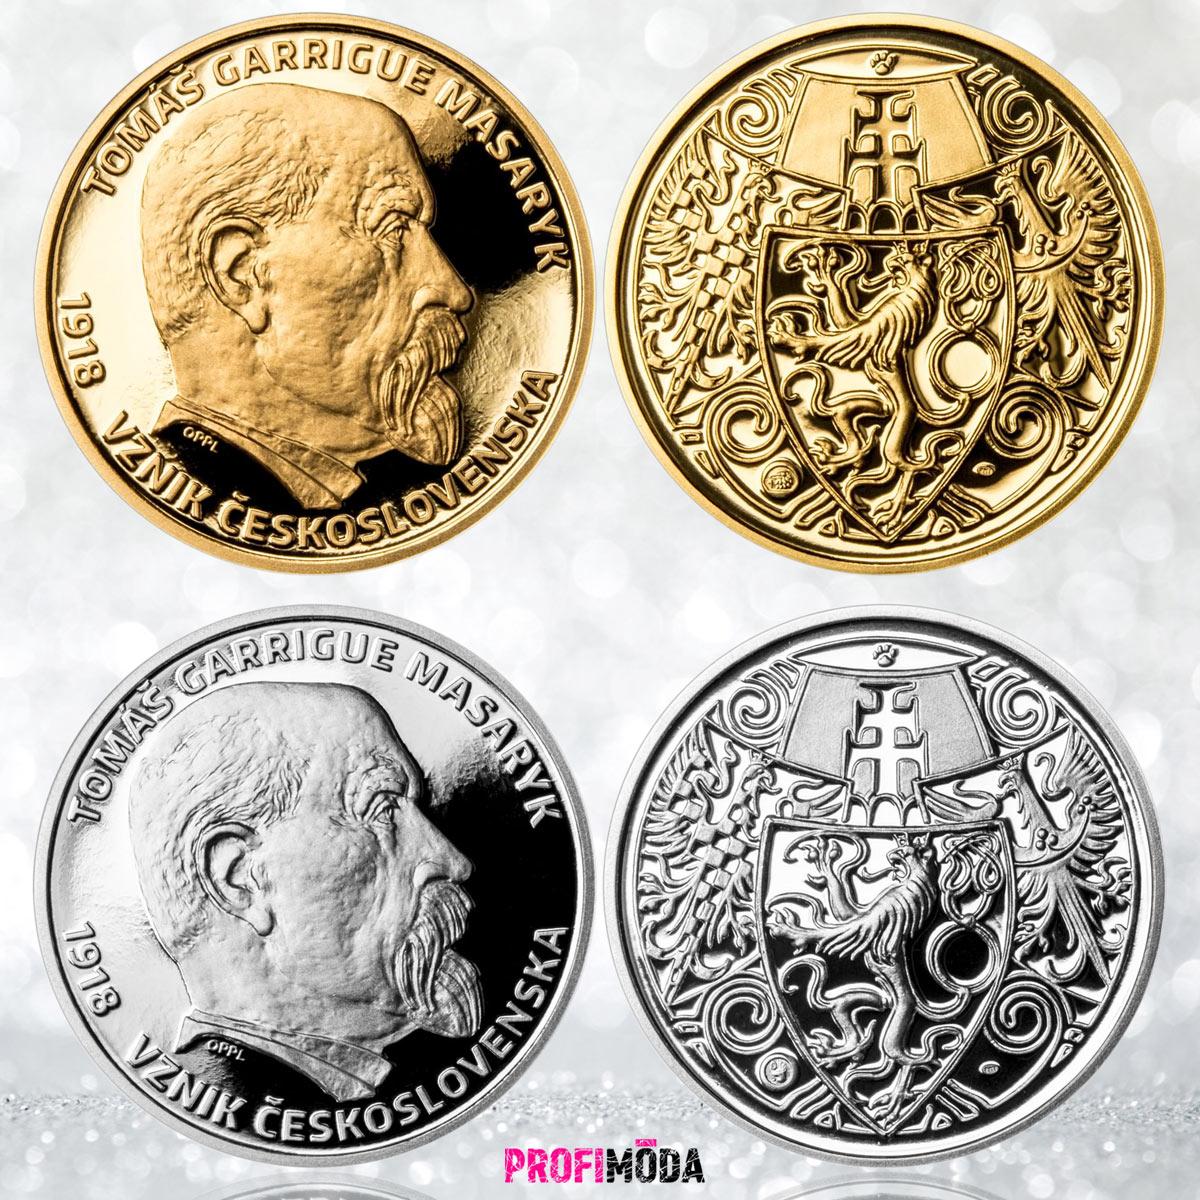 Zlatý Masarykův dukát vydává Pražská mincovna v setu se stříbrným odražkem.